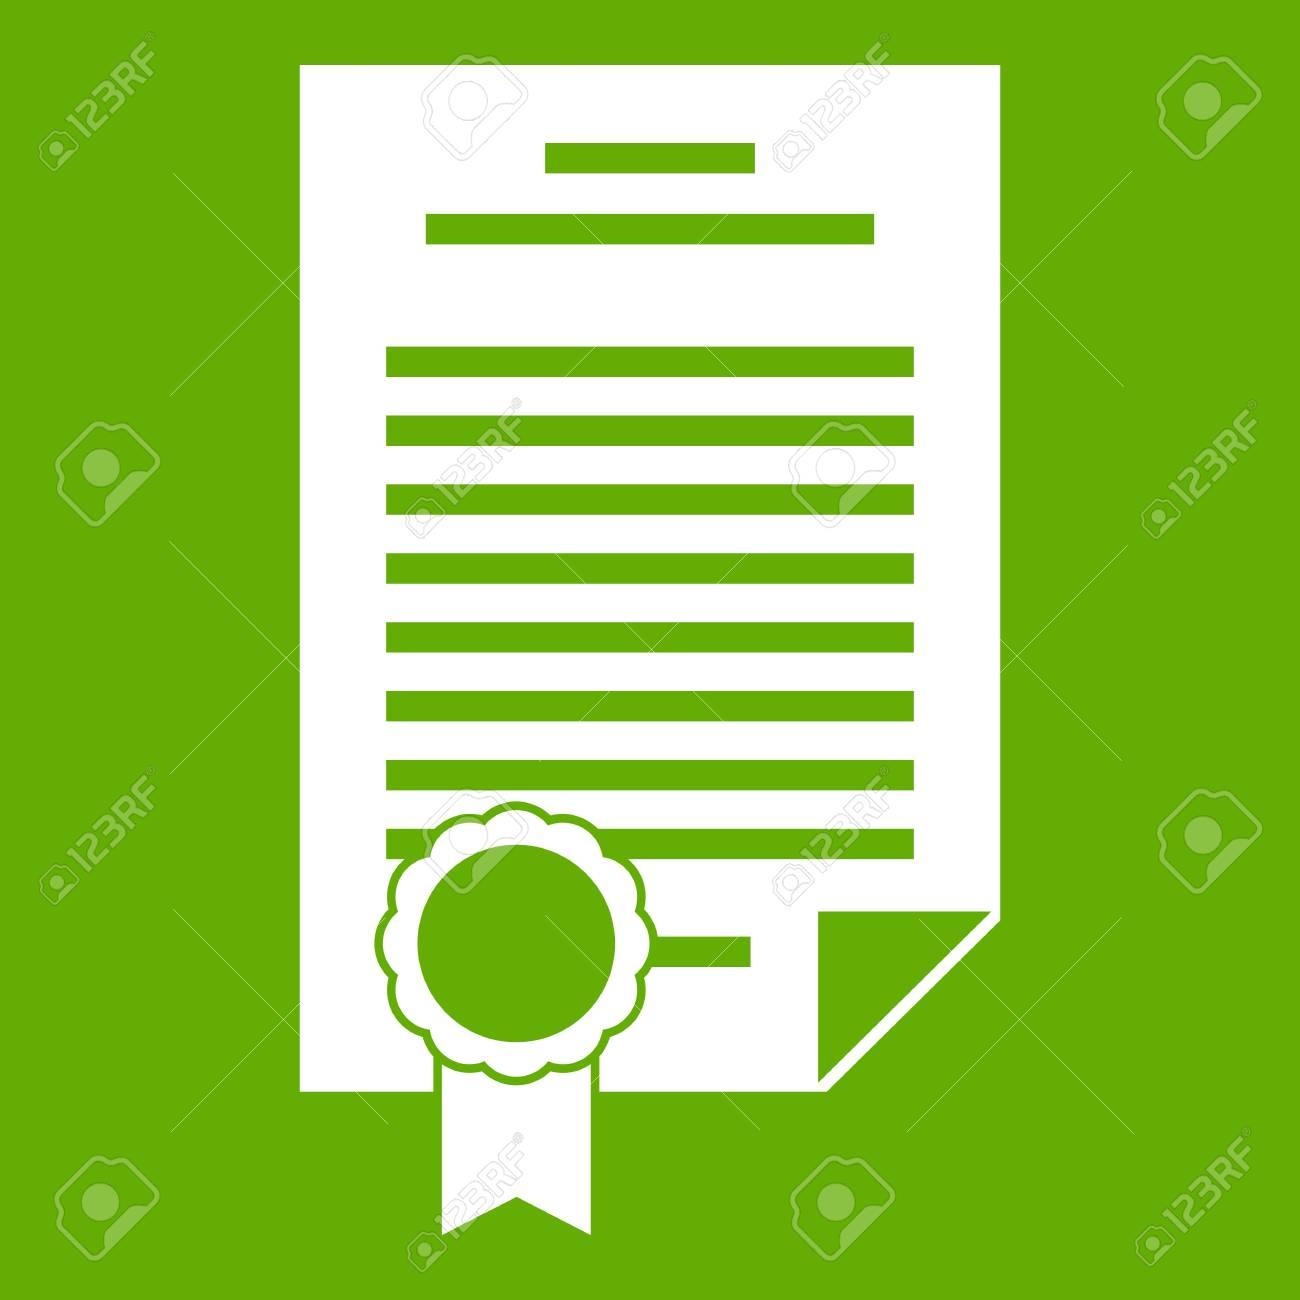 Contrato Icono Verde Vector Ilustración. Ilustraciones Vectoriales ...